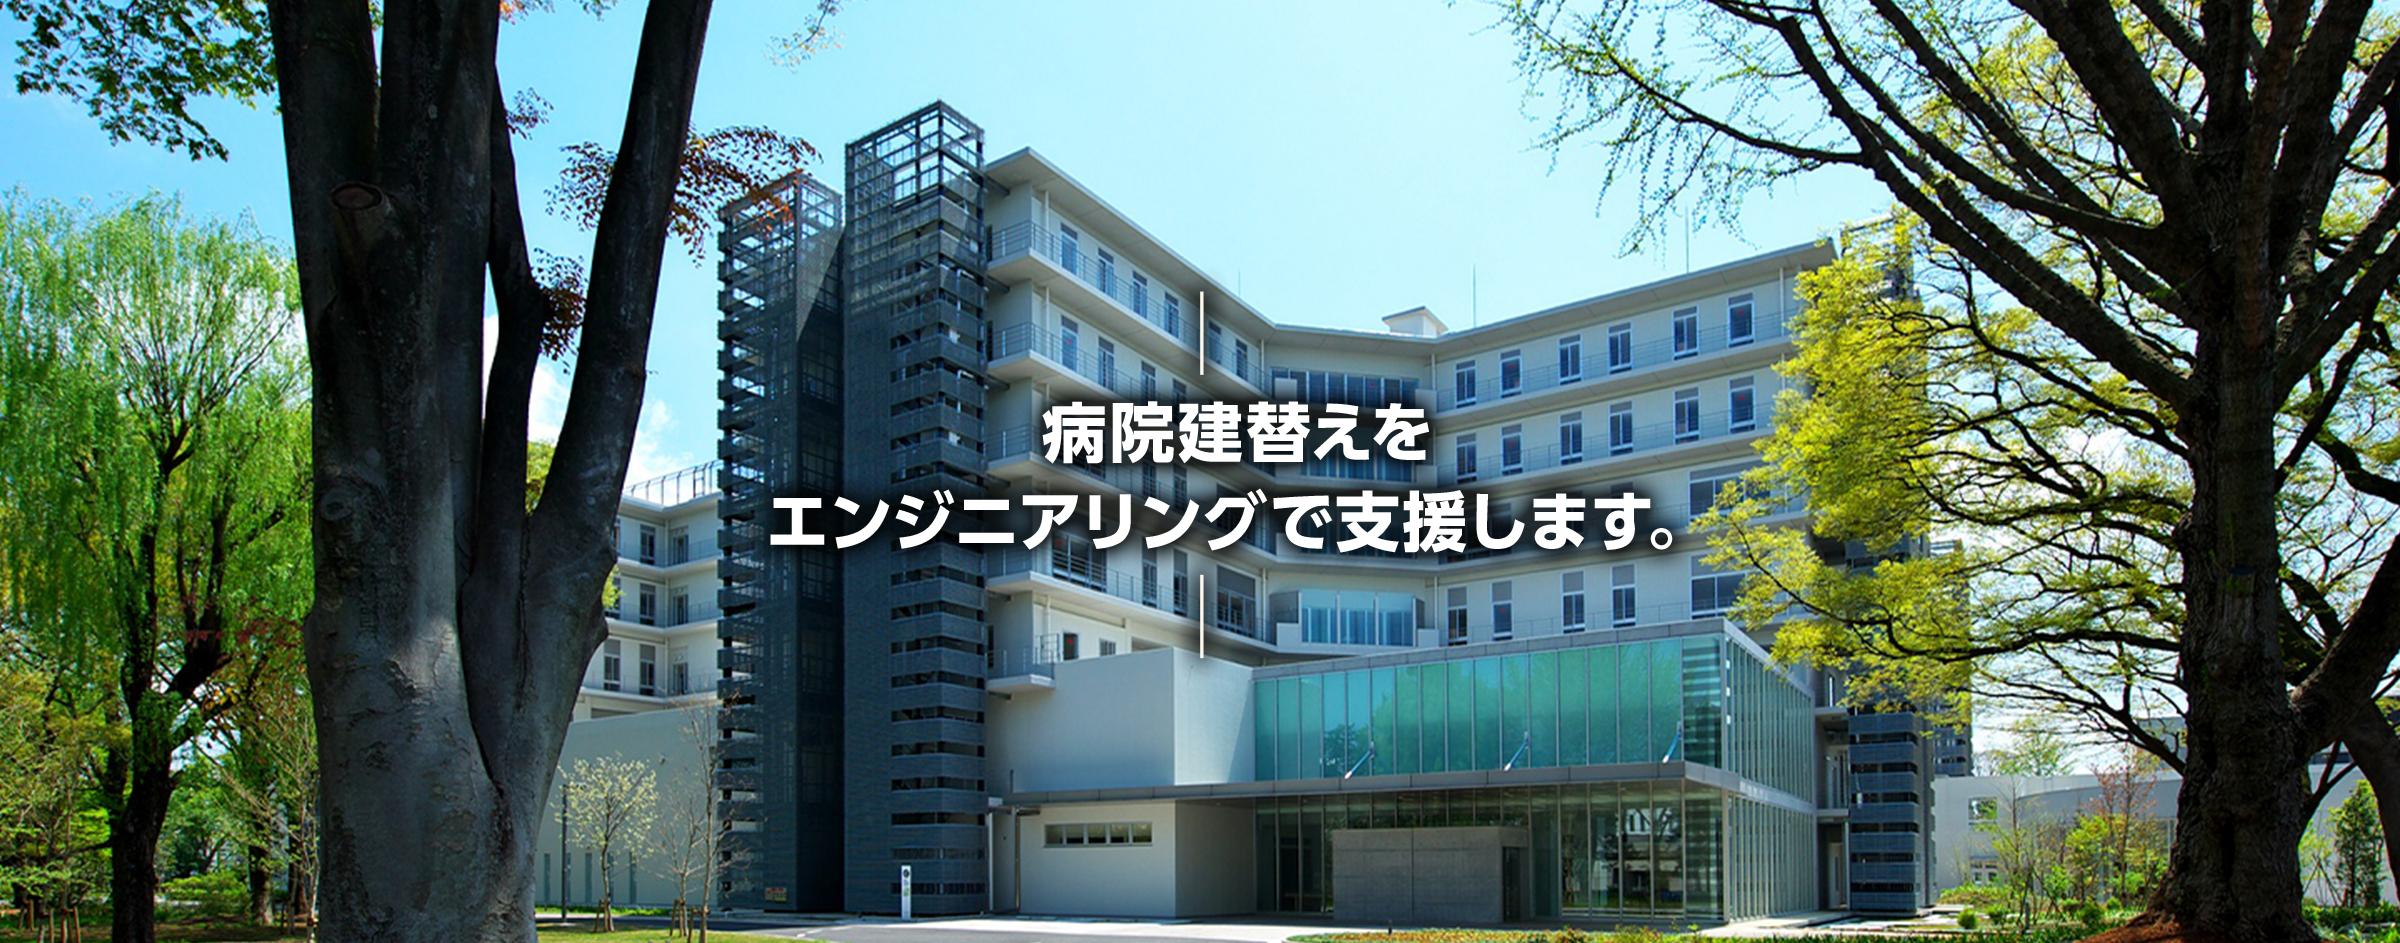 病院建設/病院建替えをエンジニアリングで支援します